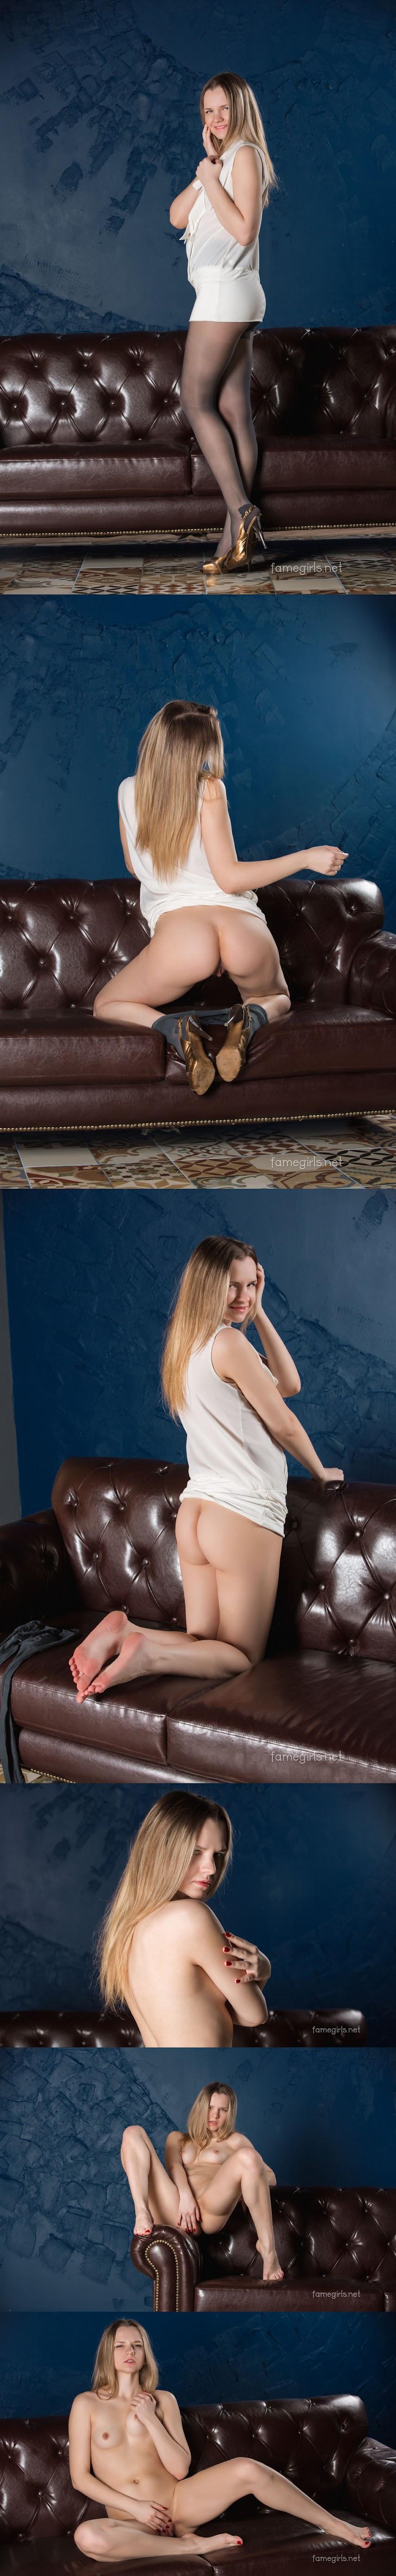 FameGirls Monica- 110 x1203840x5760Real Street Angels